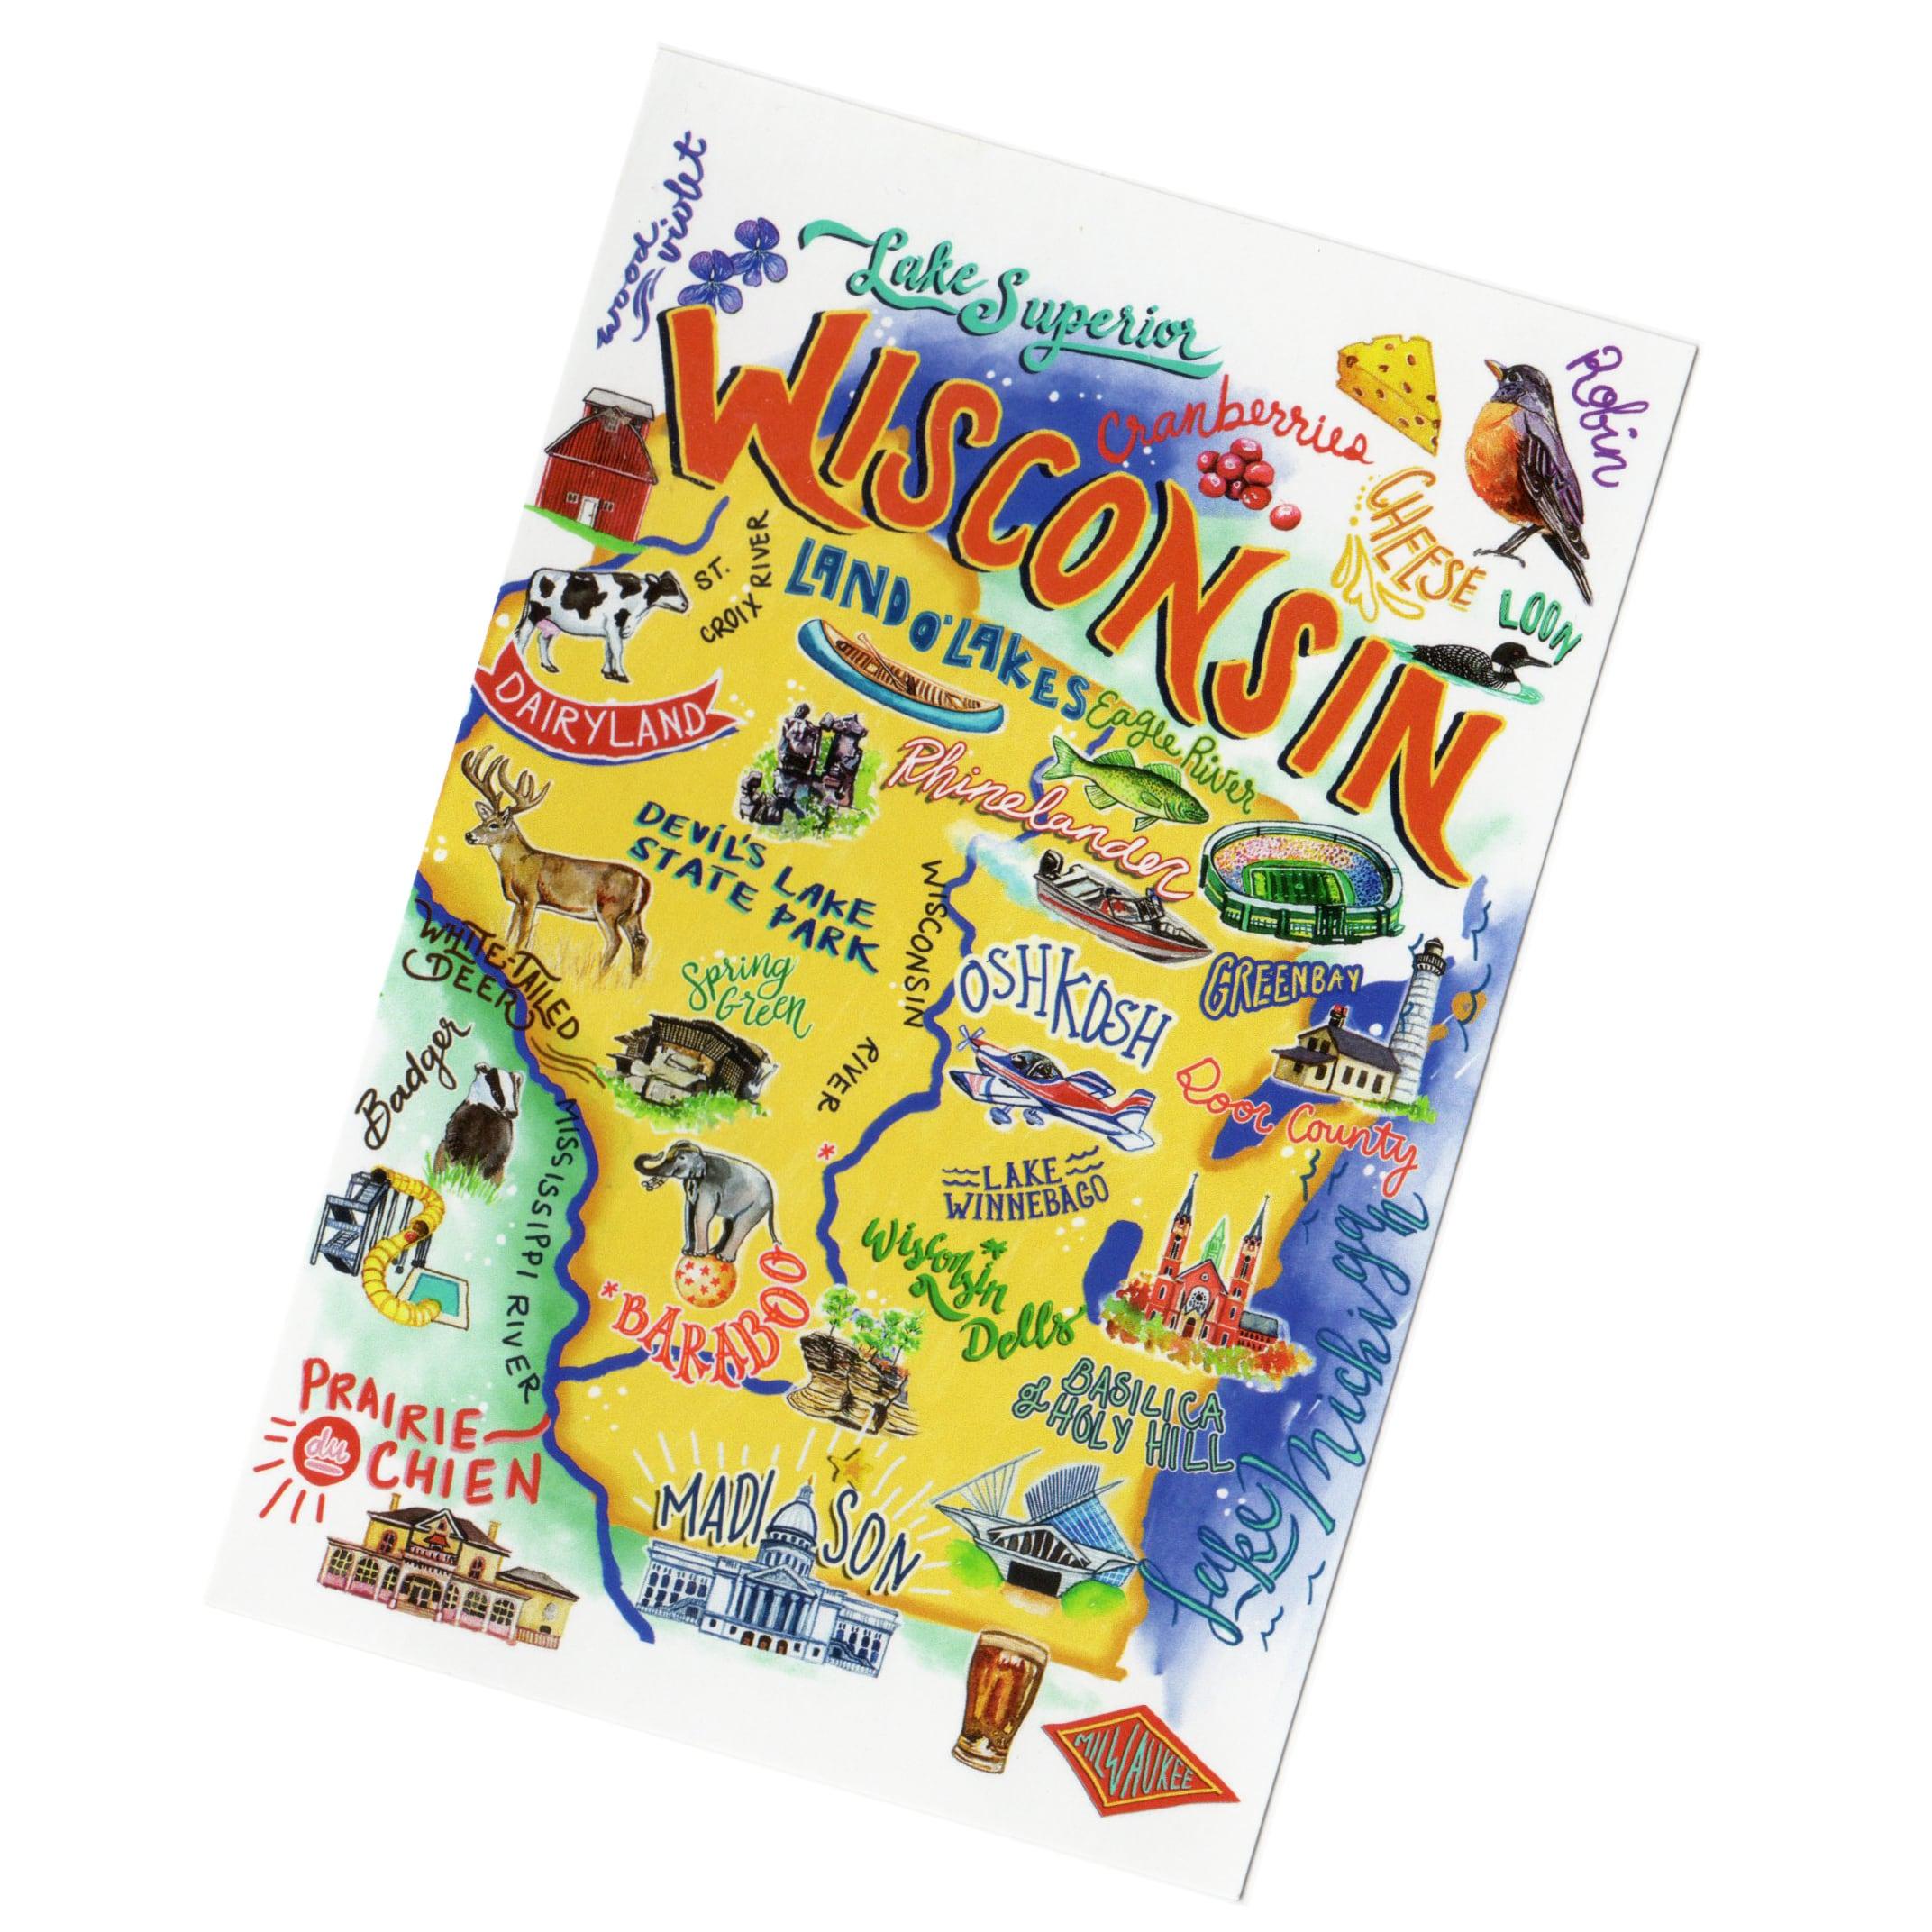 ウィスコンシン州 ポストカード